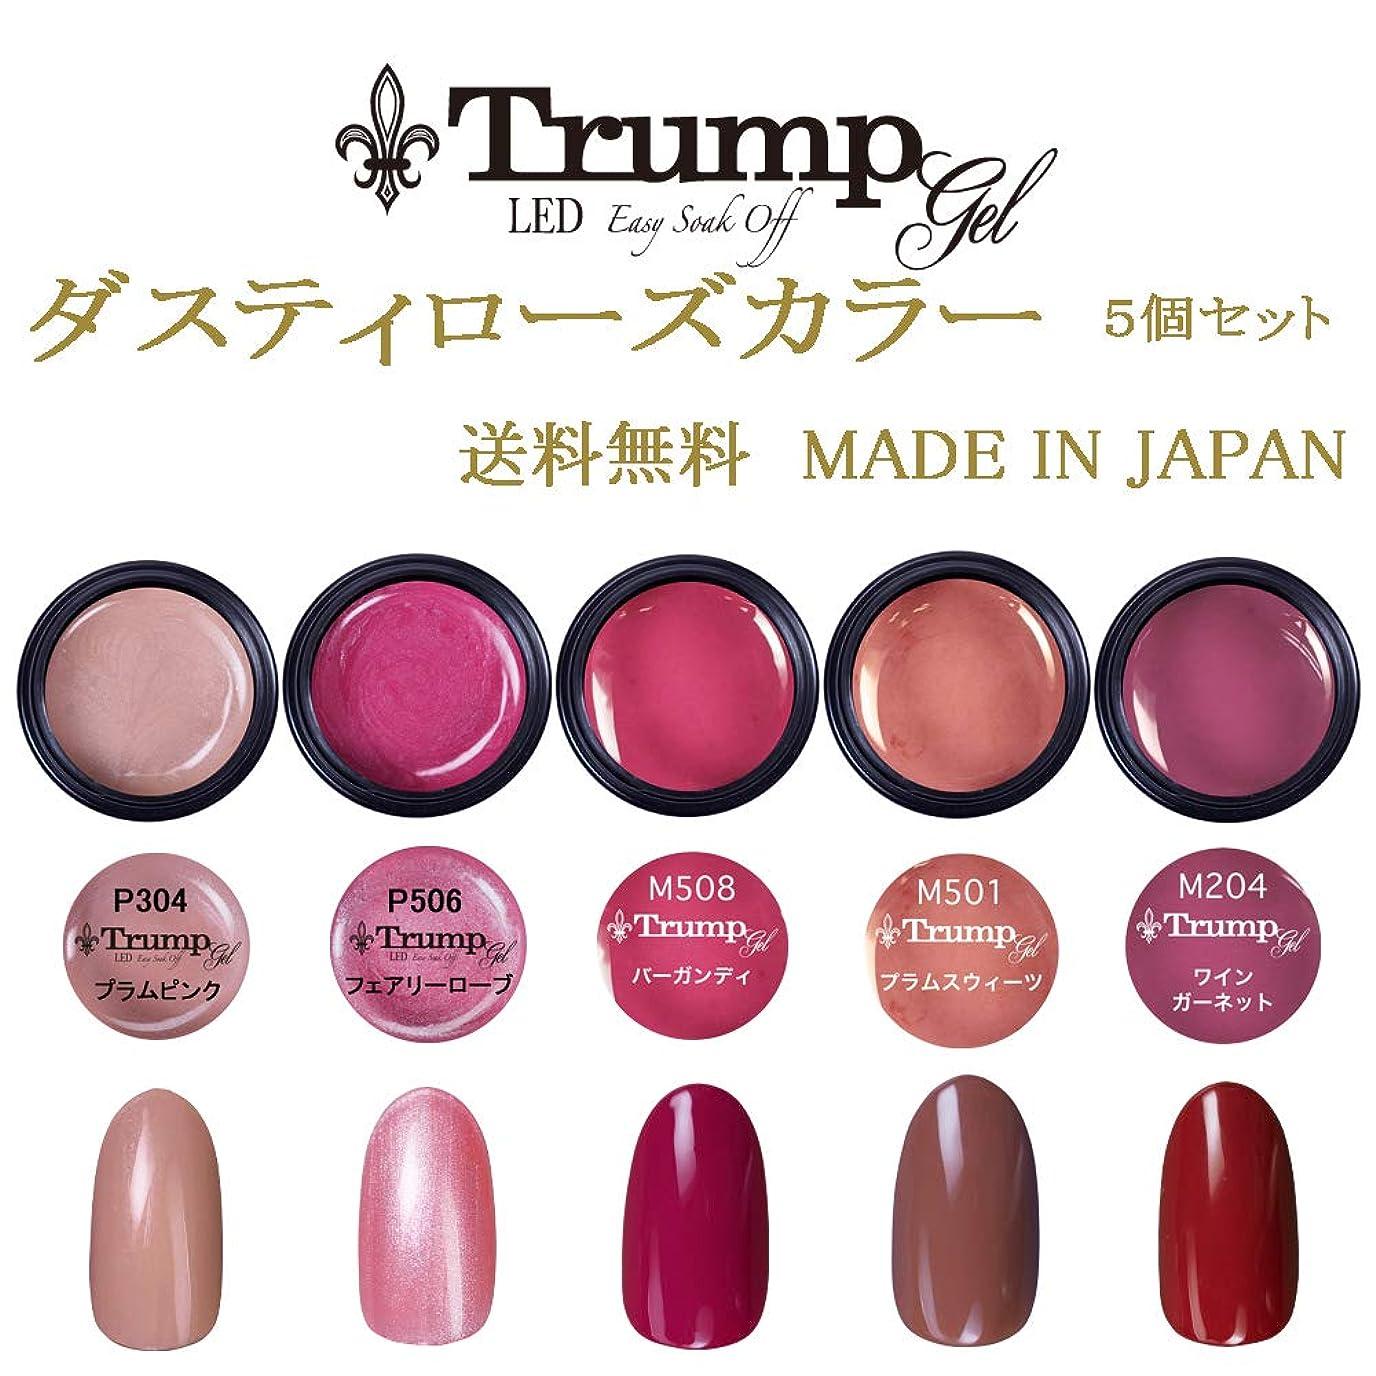 穴魅力的解放【送料無料】日本製 Trump gel トランプジェル ダスティローズカラージェル 5個セット スタイリッシュでオシャレな 白べっ甲カラージェルセット